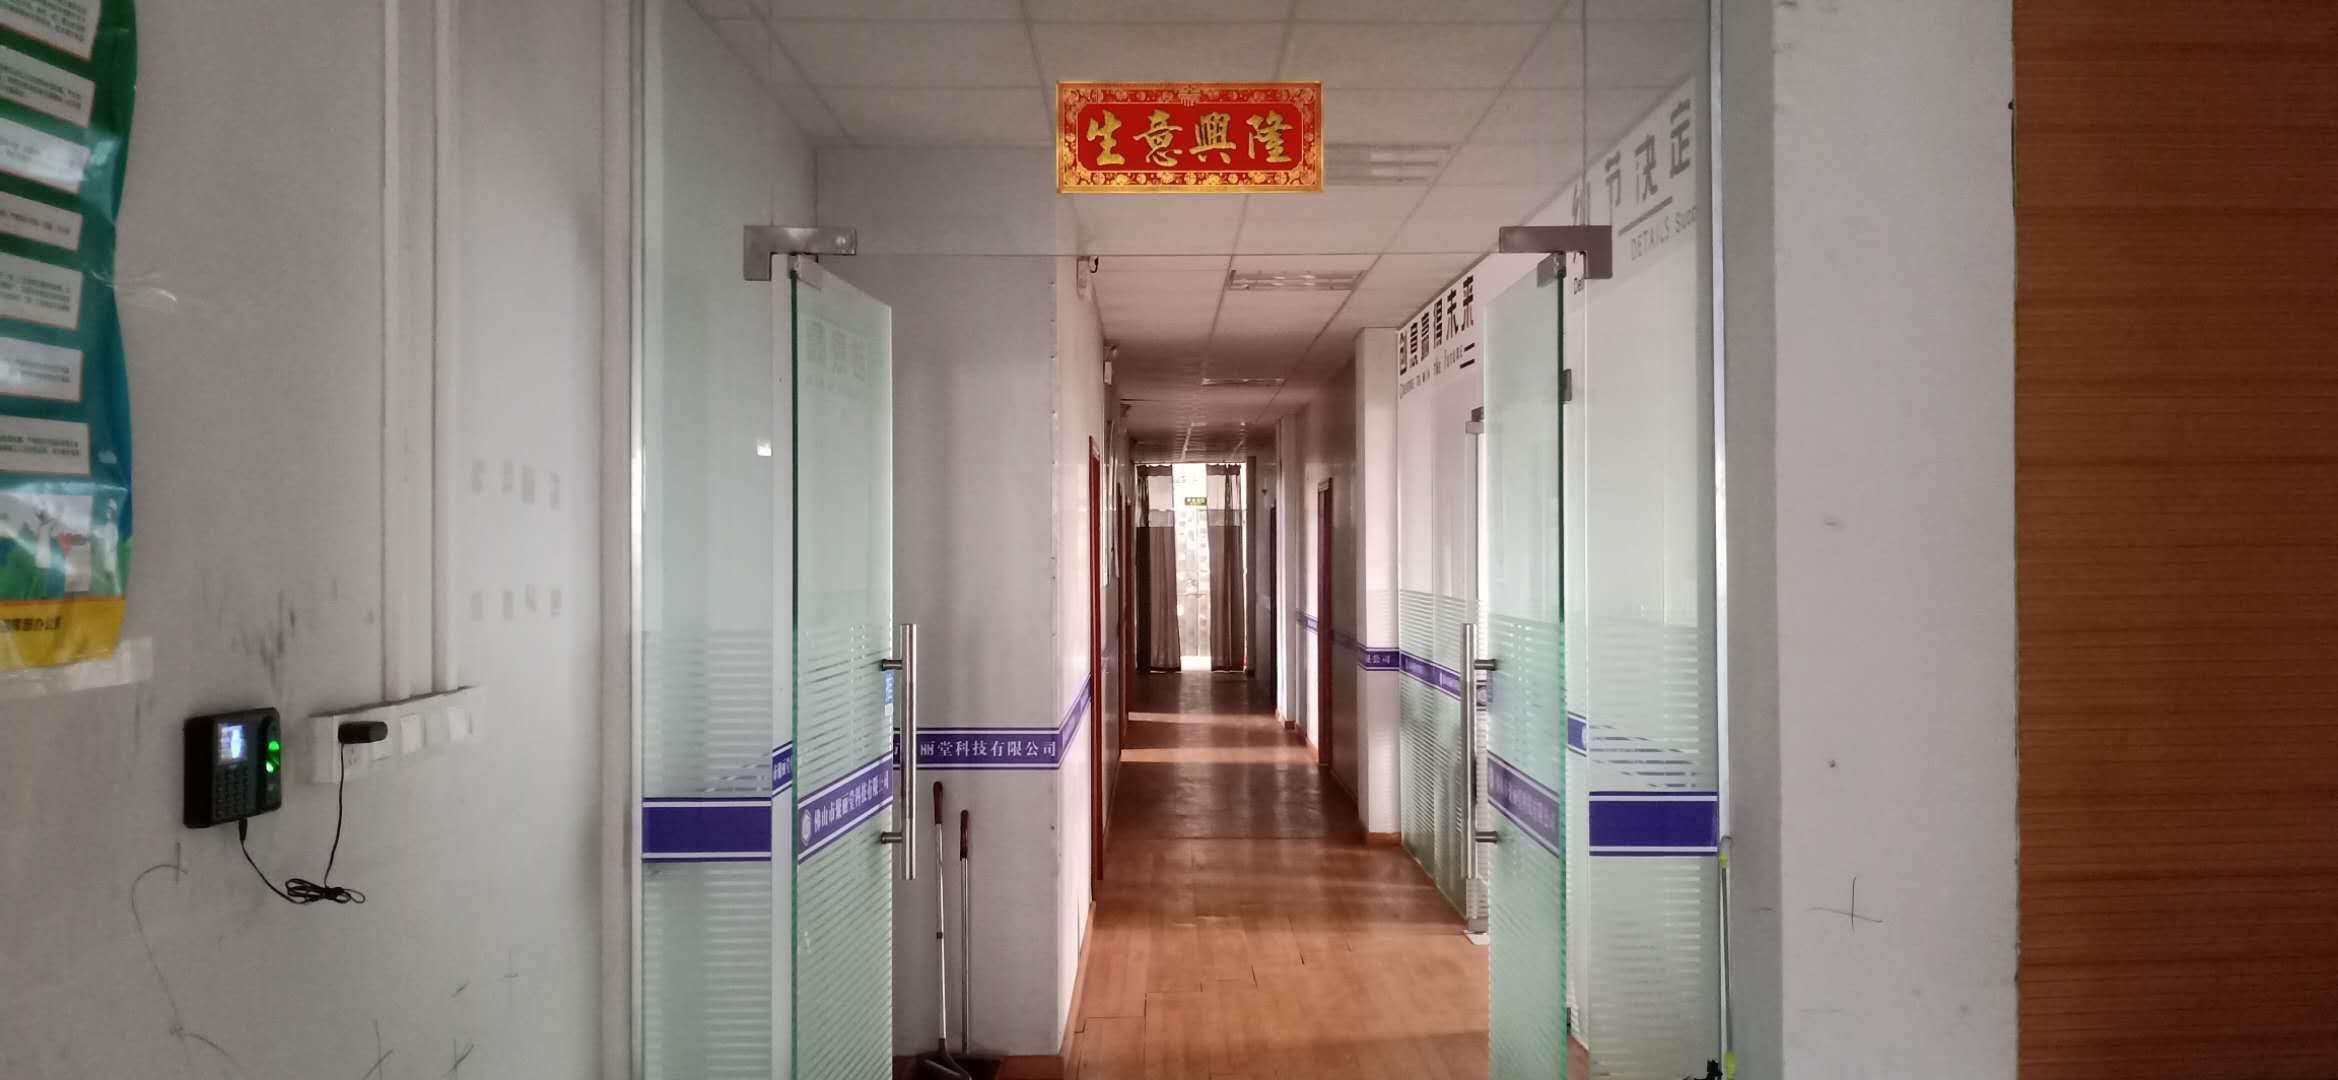 佛山南海里水镇标准电梯万博app官方下载带精装修办公室800平限量出租